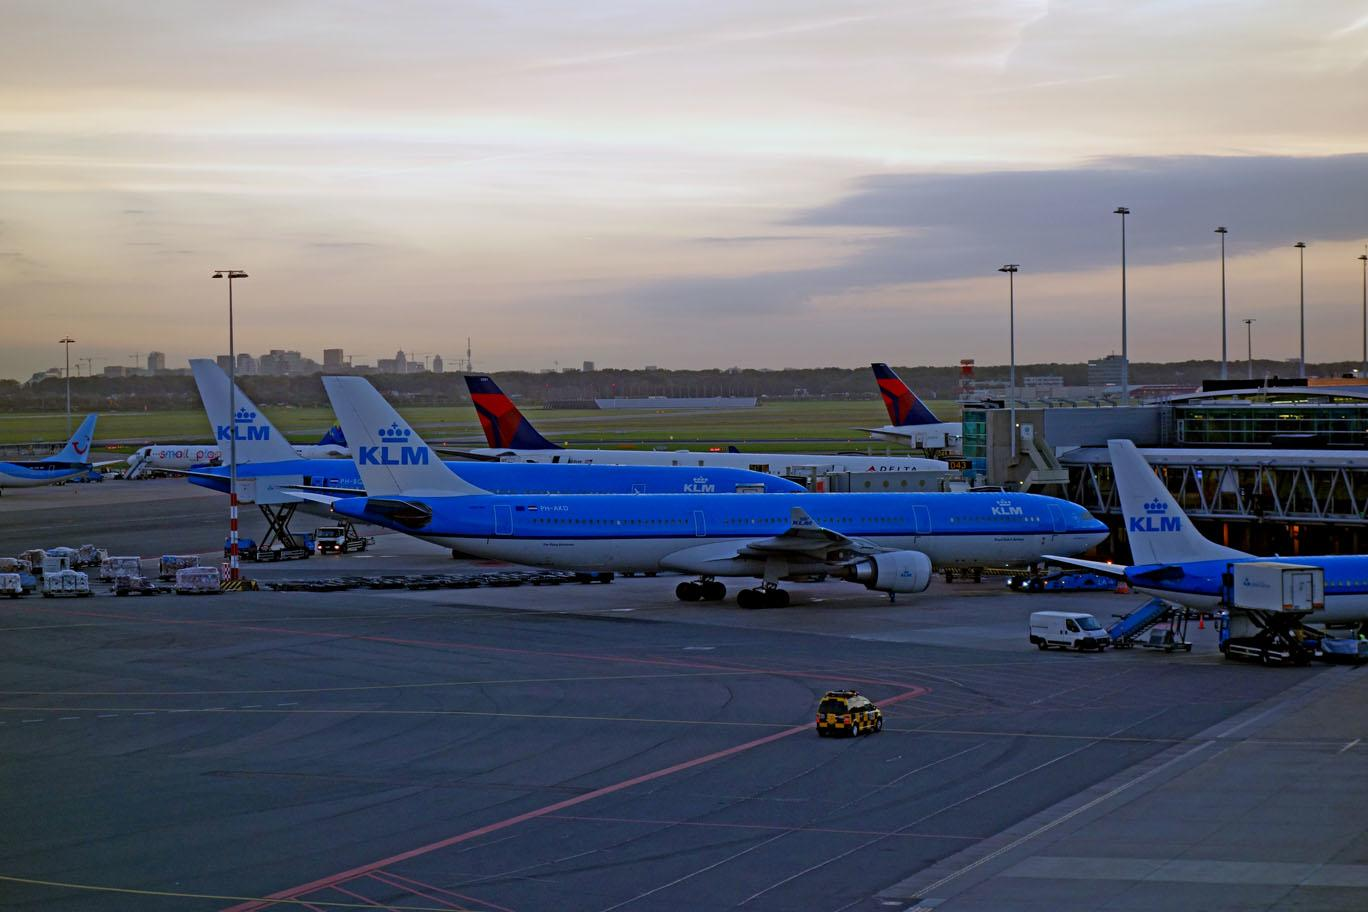 У KLM появится премиум-эконом